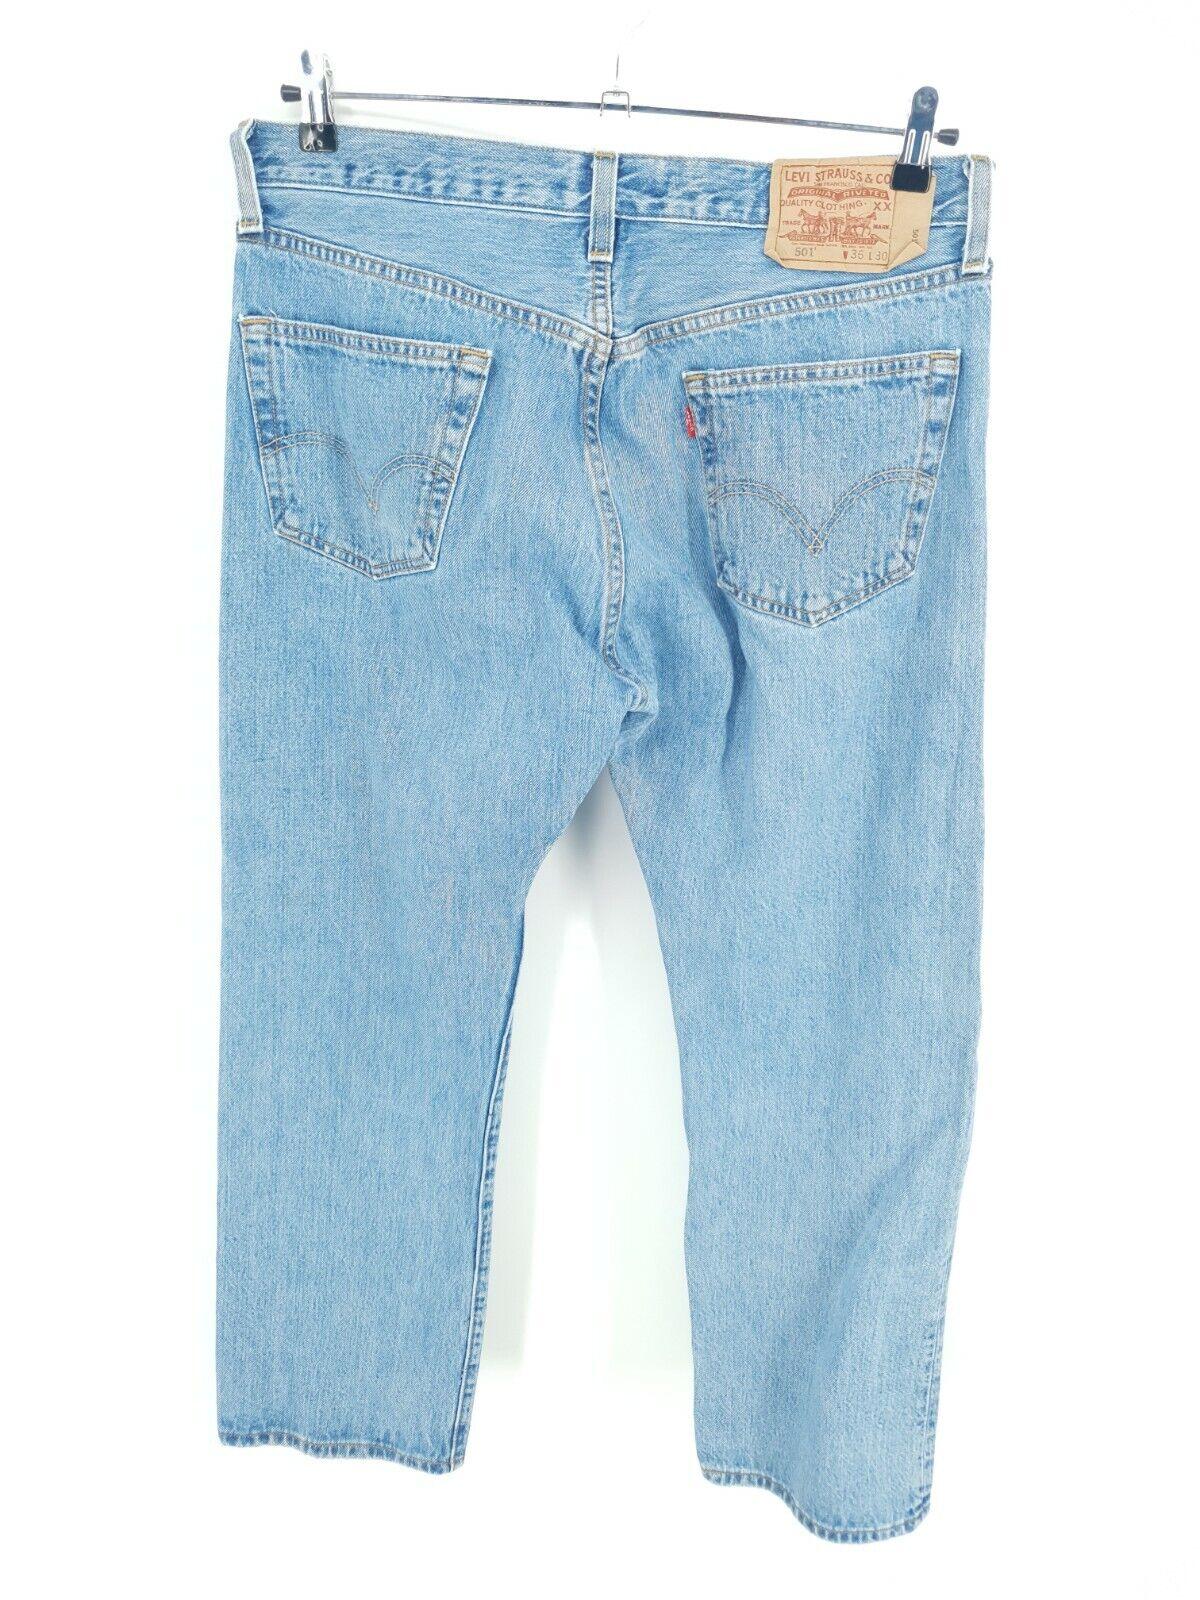 Vintage  Levis 501 XX Jeans Mens 36x30 Distressed… - image 5